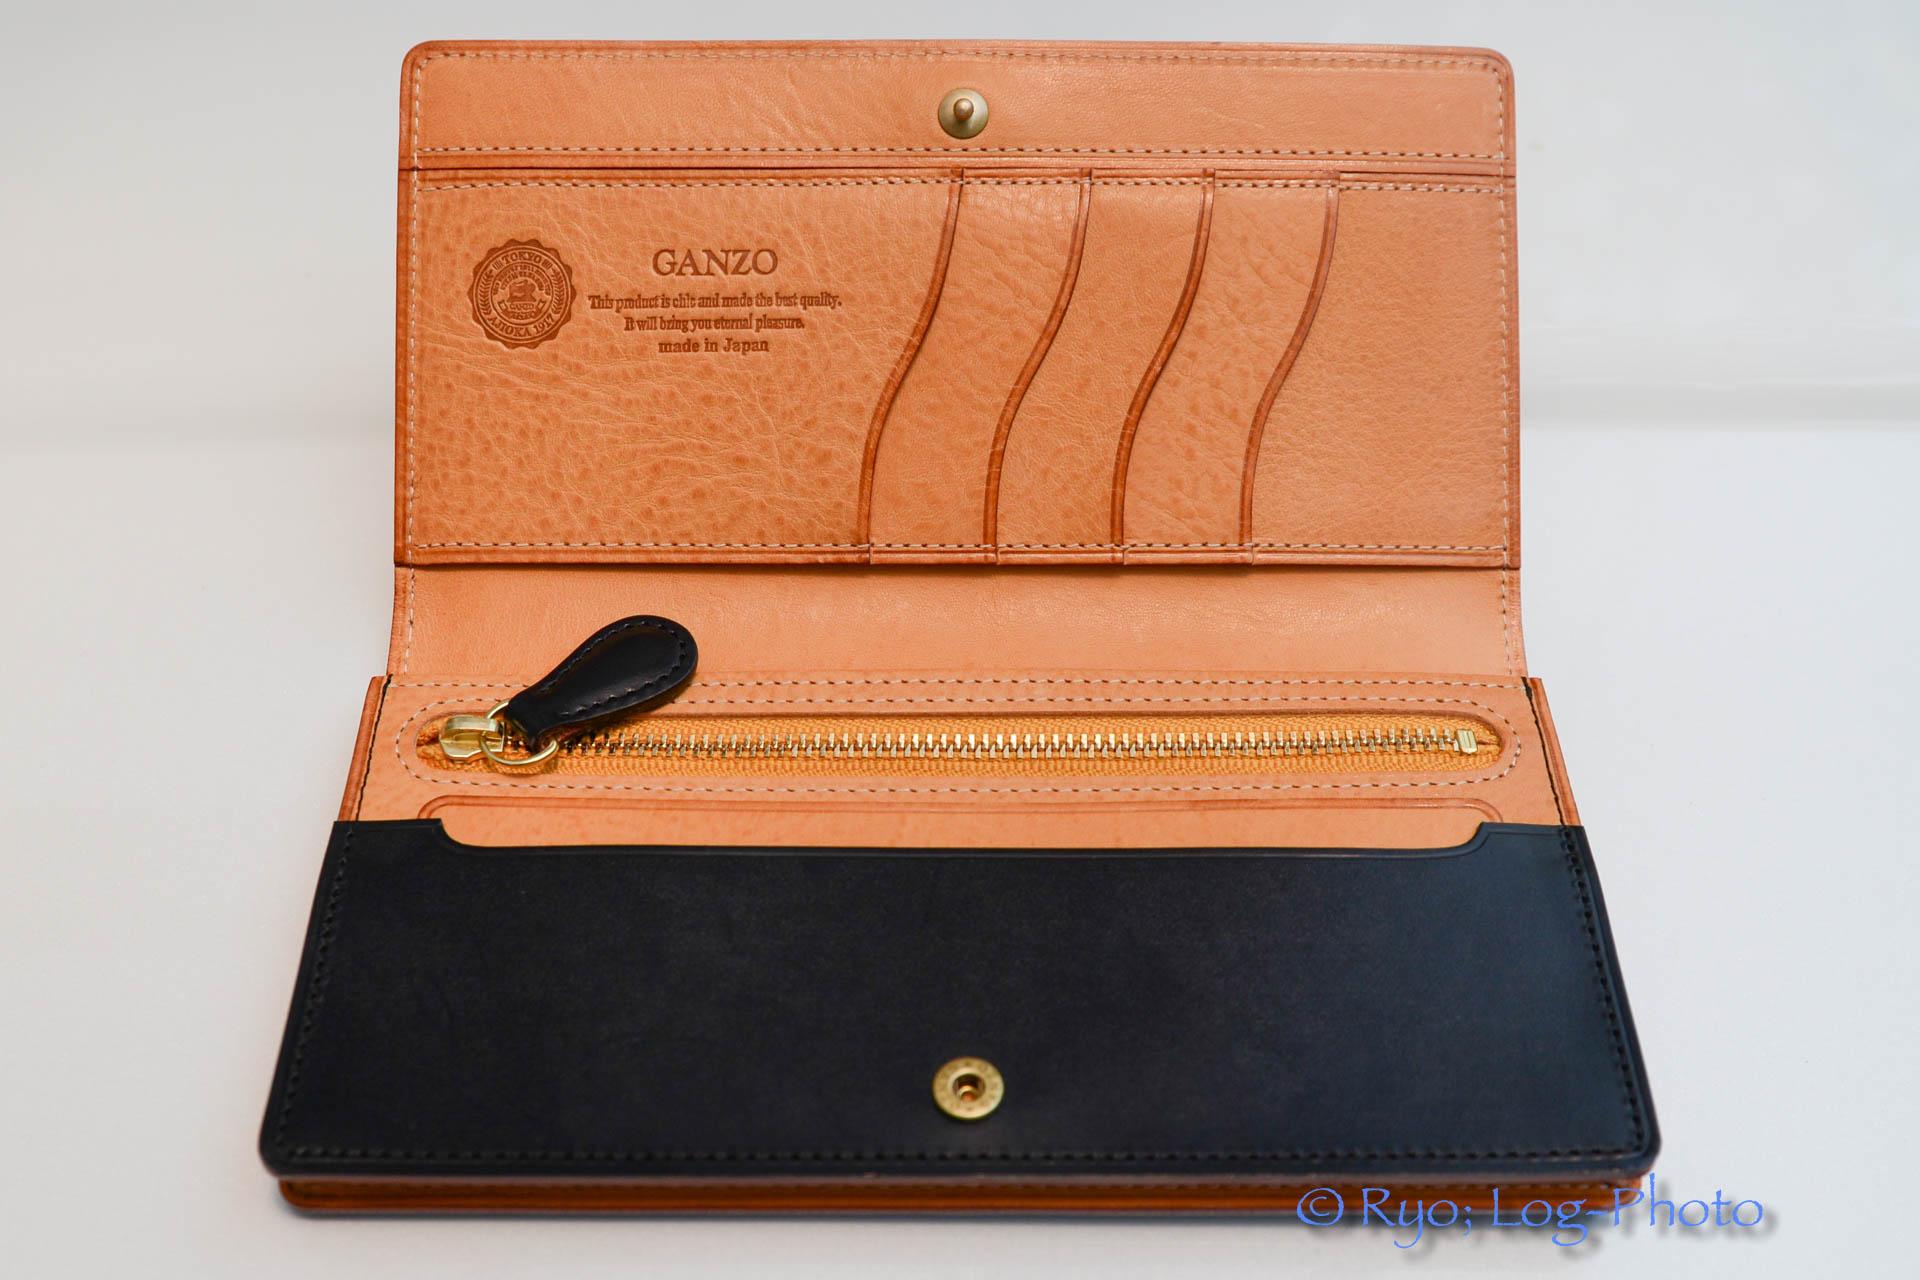 GANZO 財布 シンブライドルレザー